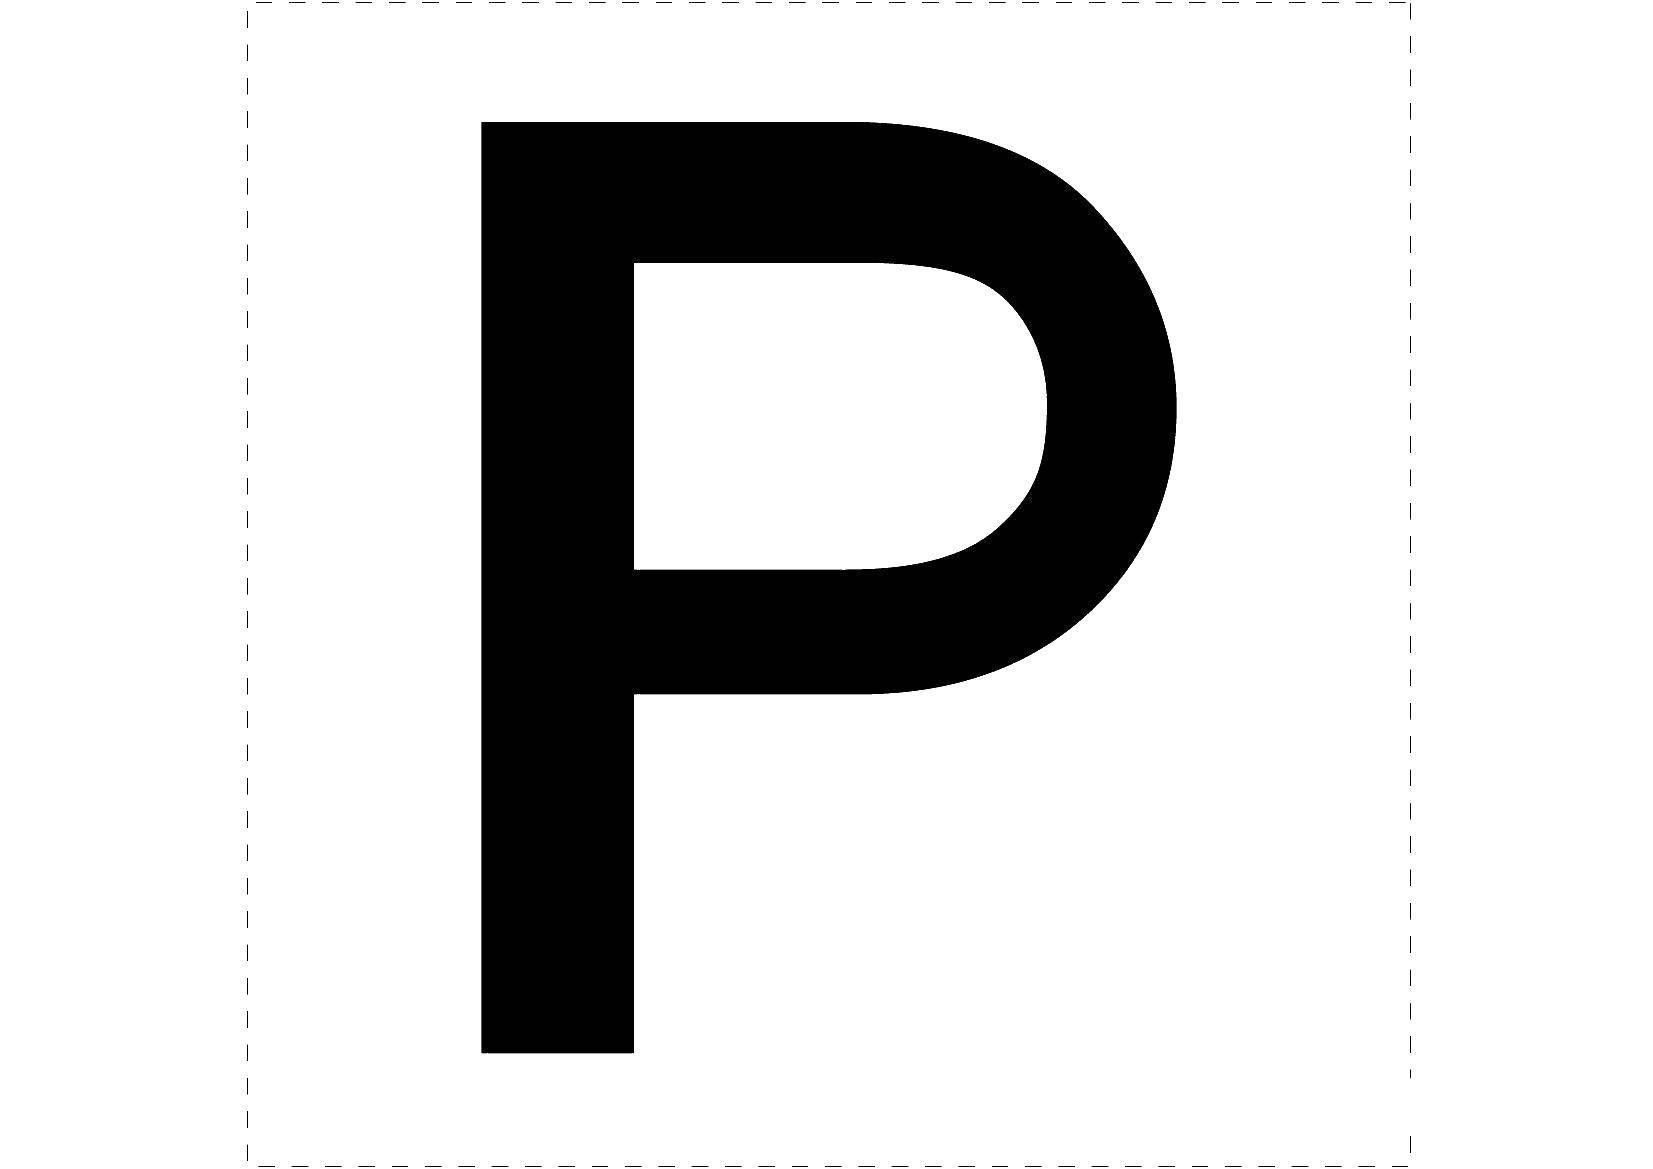 Раскраска Алфавит, буквы Скачать ,Алфавит, буквы, слова,.  Распечатать